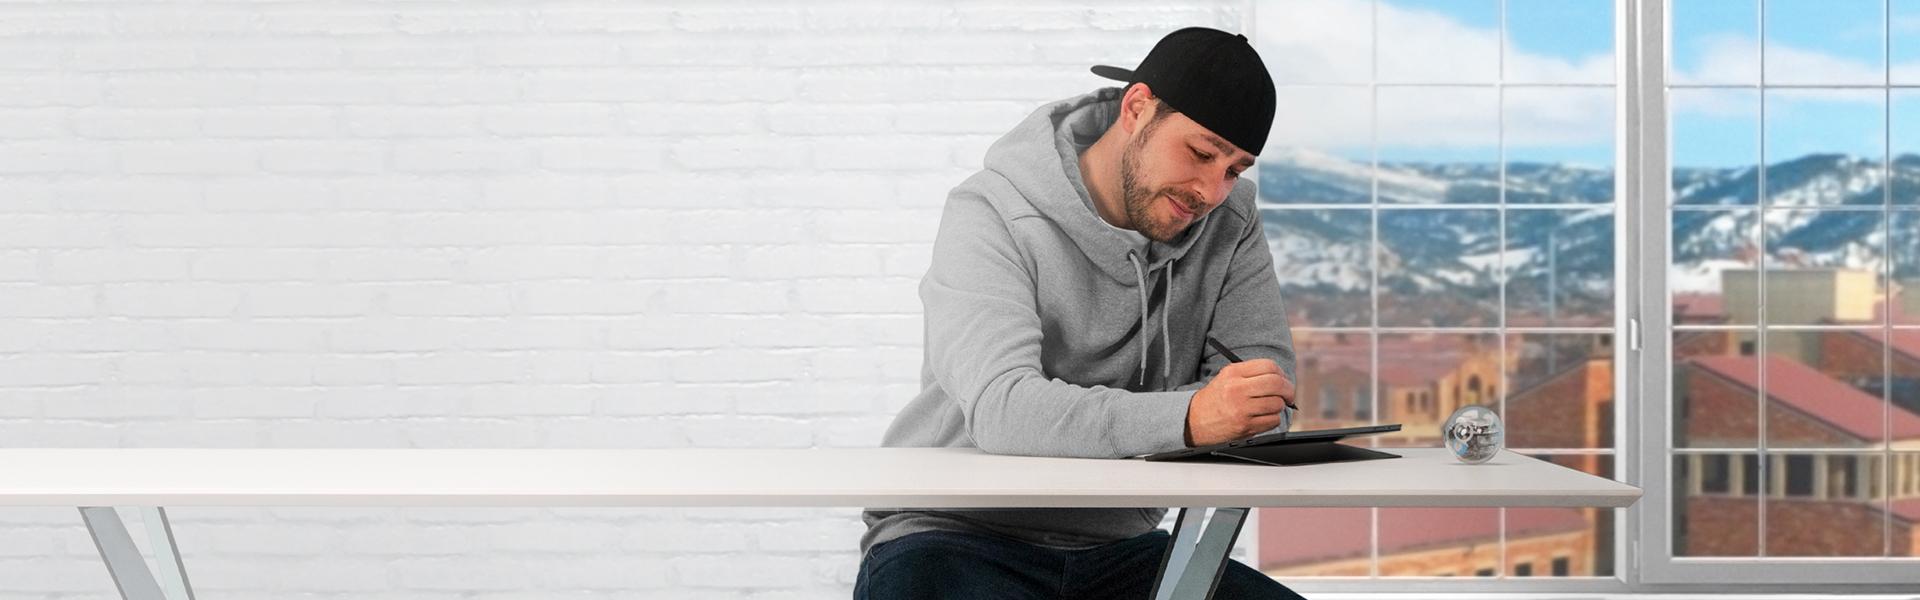 Naeratav mees, kes töötab laua taga Surface'iga.